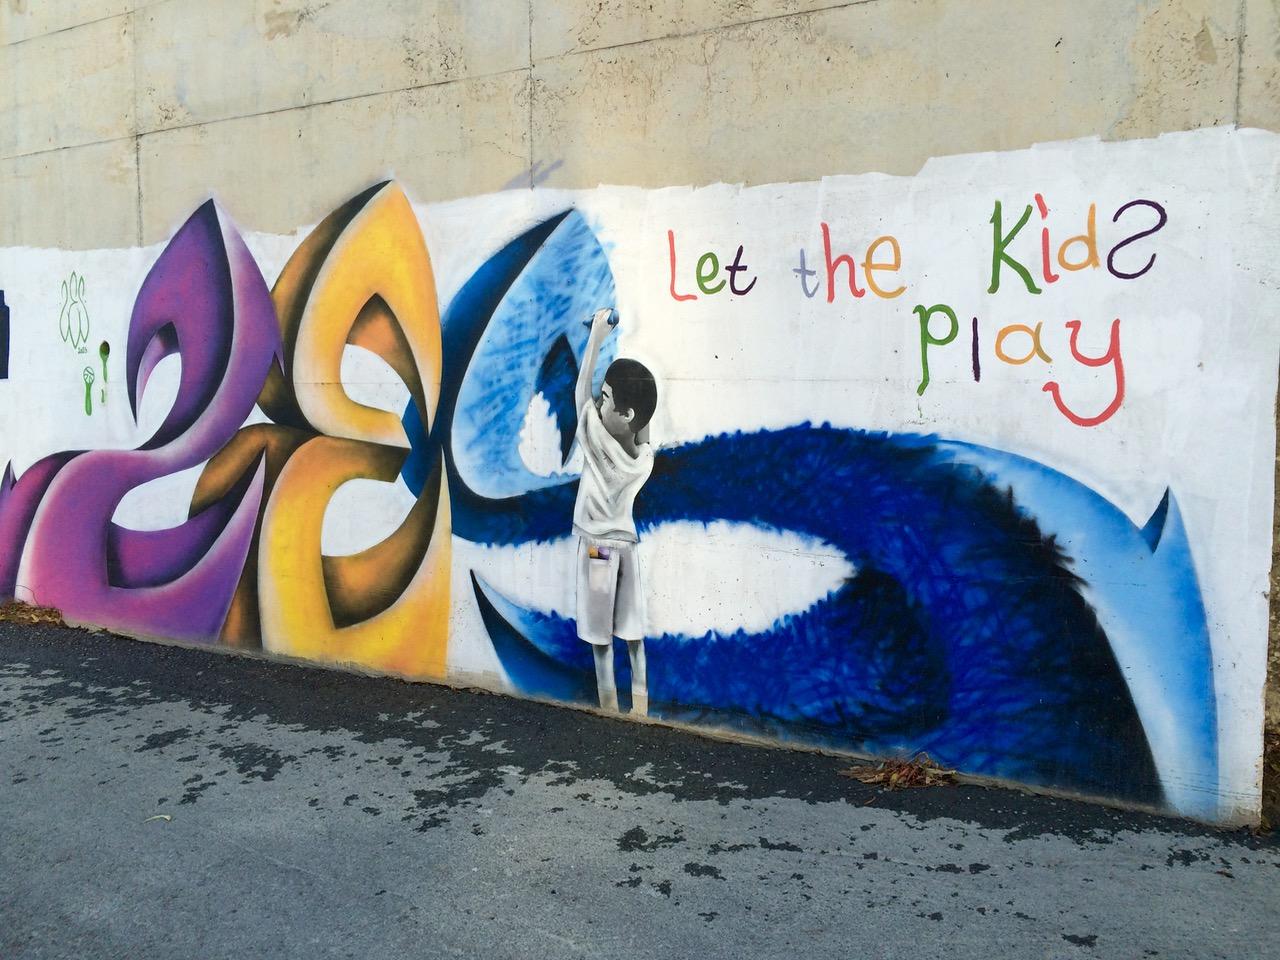 Street art in Cyprus